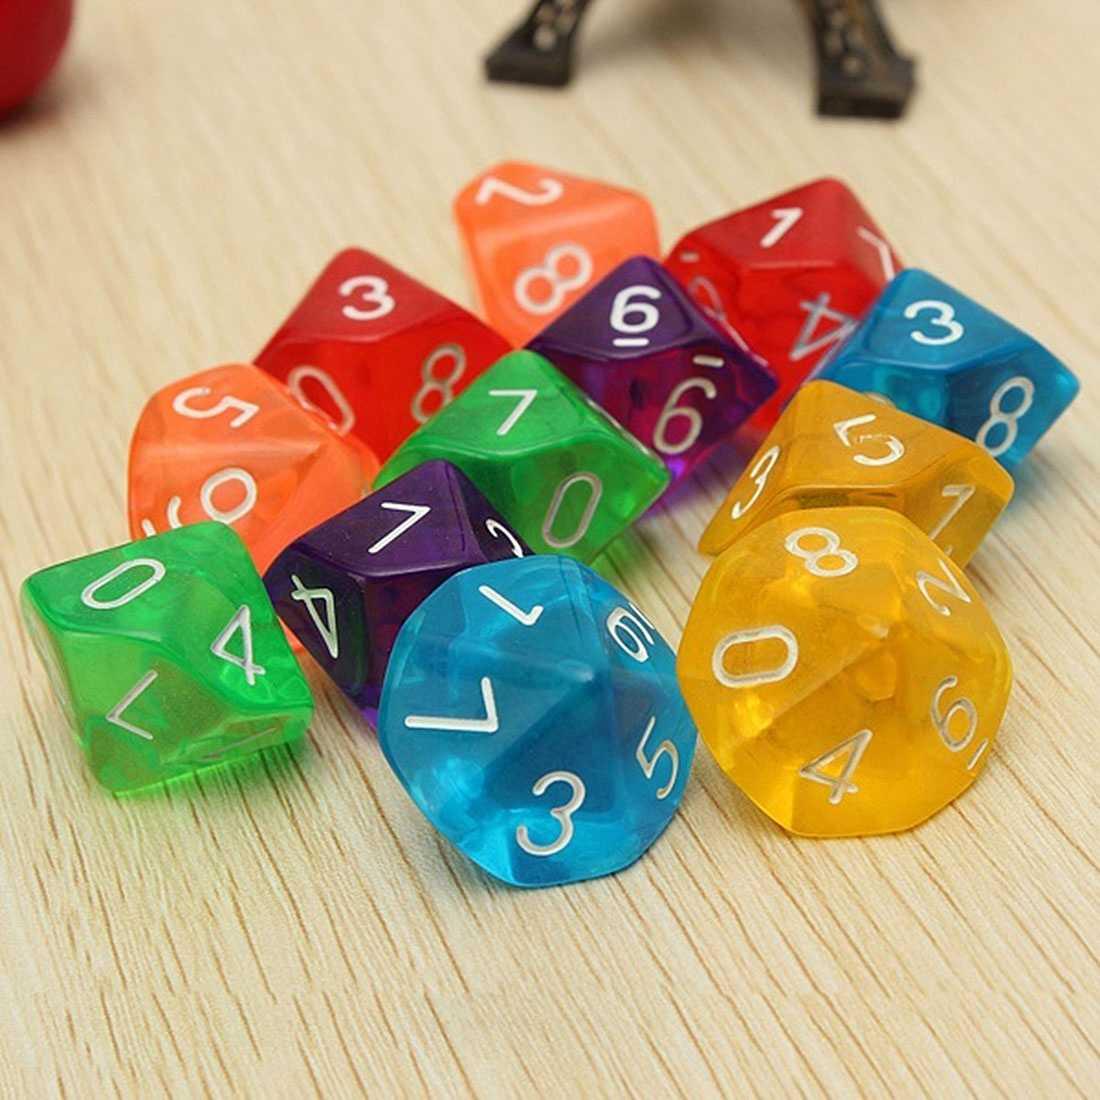 10-taglia D10 Dieci Faccia Gemma Dice Die per RPG Dungeons & Dragons Bordo di Giochi Da Tavolo (7 colori)